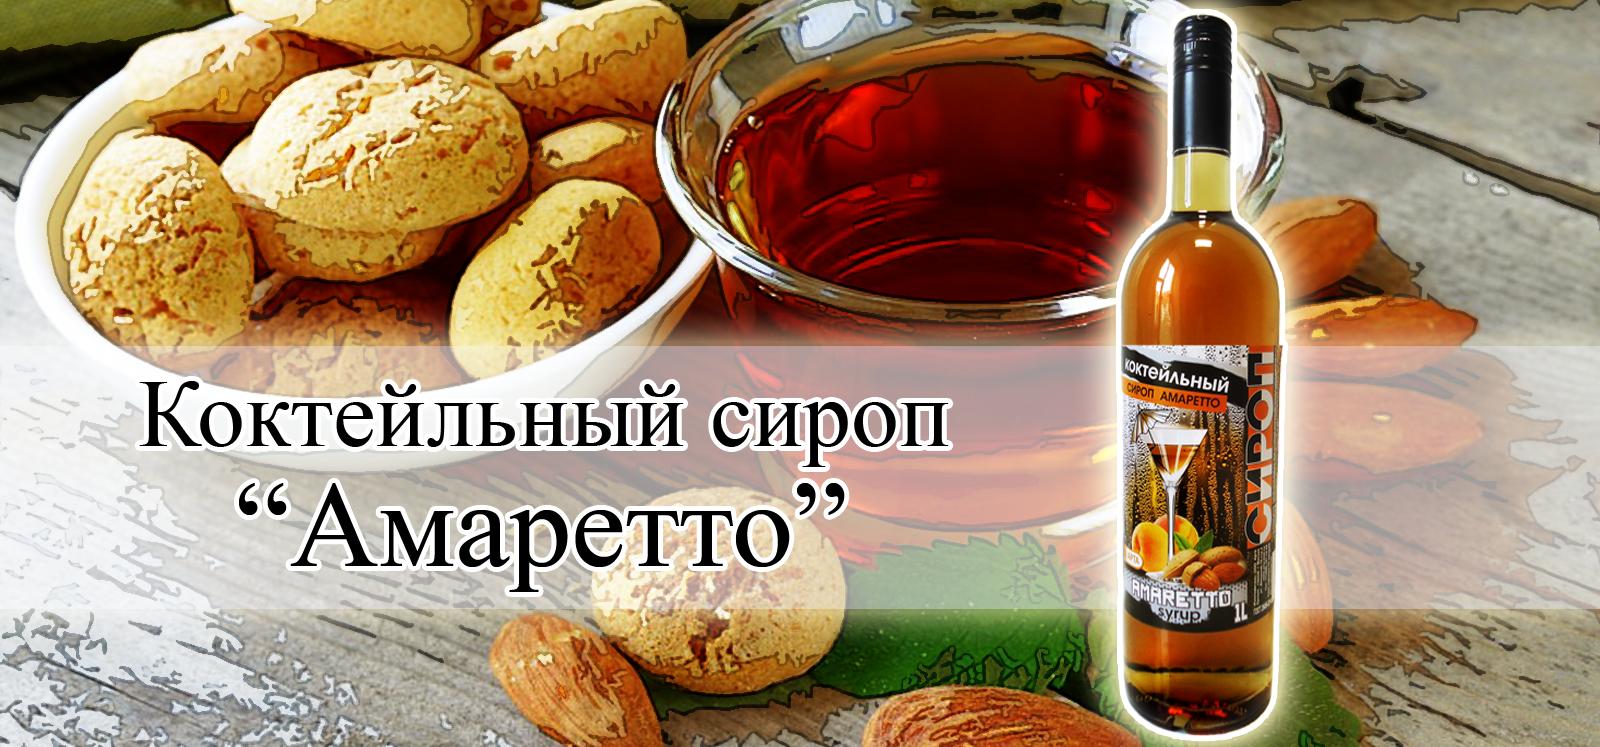 Арта - Сиропы - Коктейльный сироп Амаретто